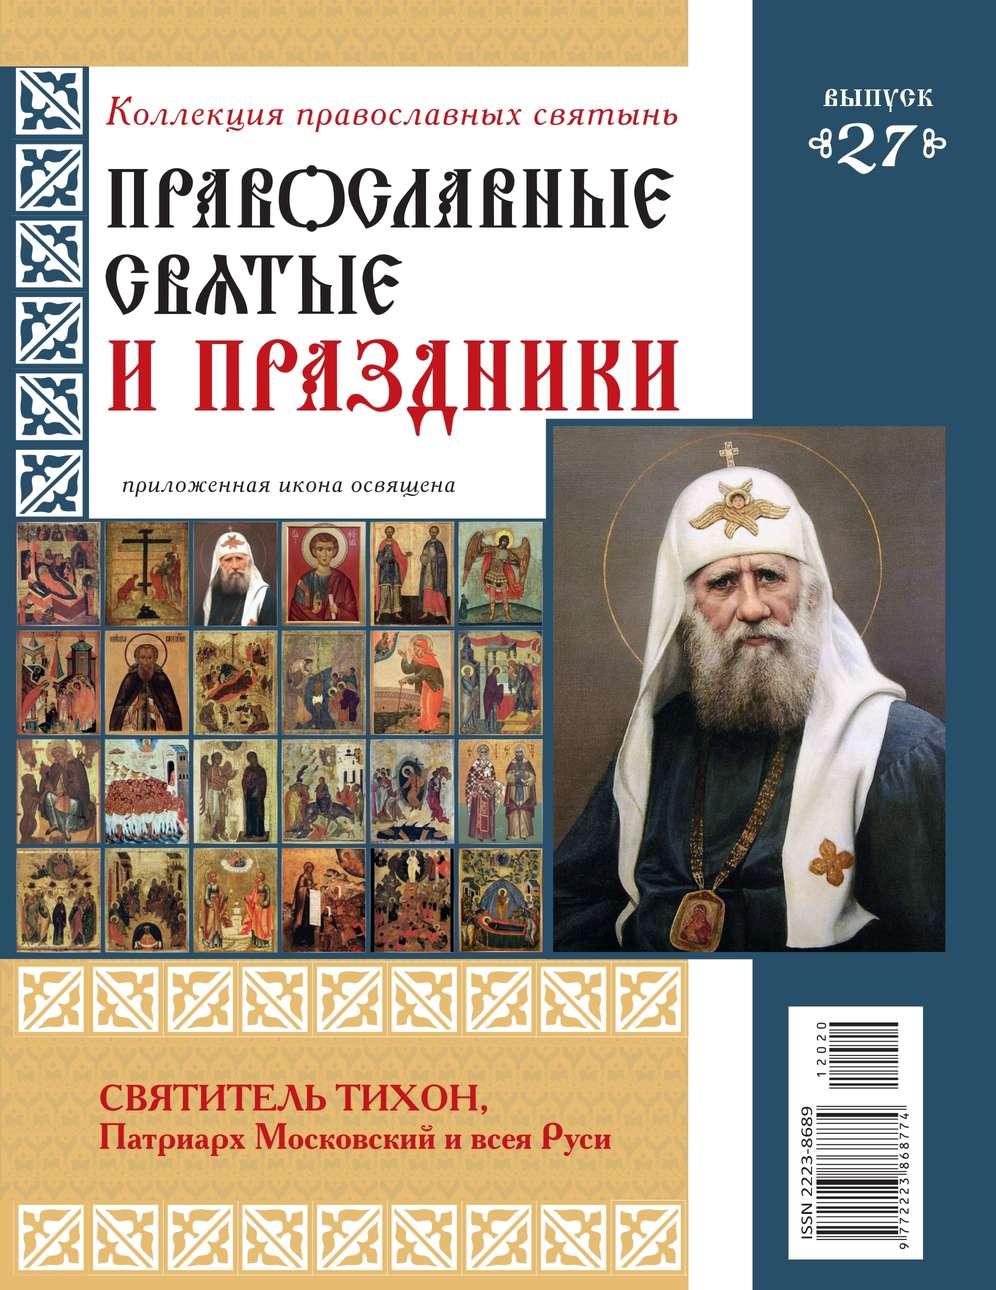 Редакция журнала Коллекция Православных Святынь Коллекция Православных Святынь 27 коллекция